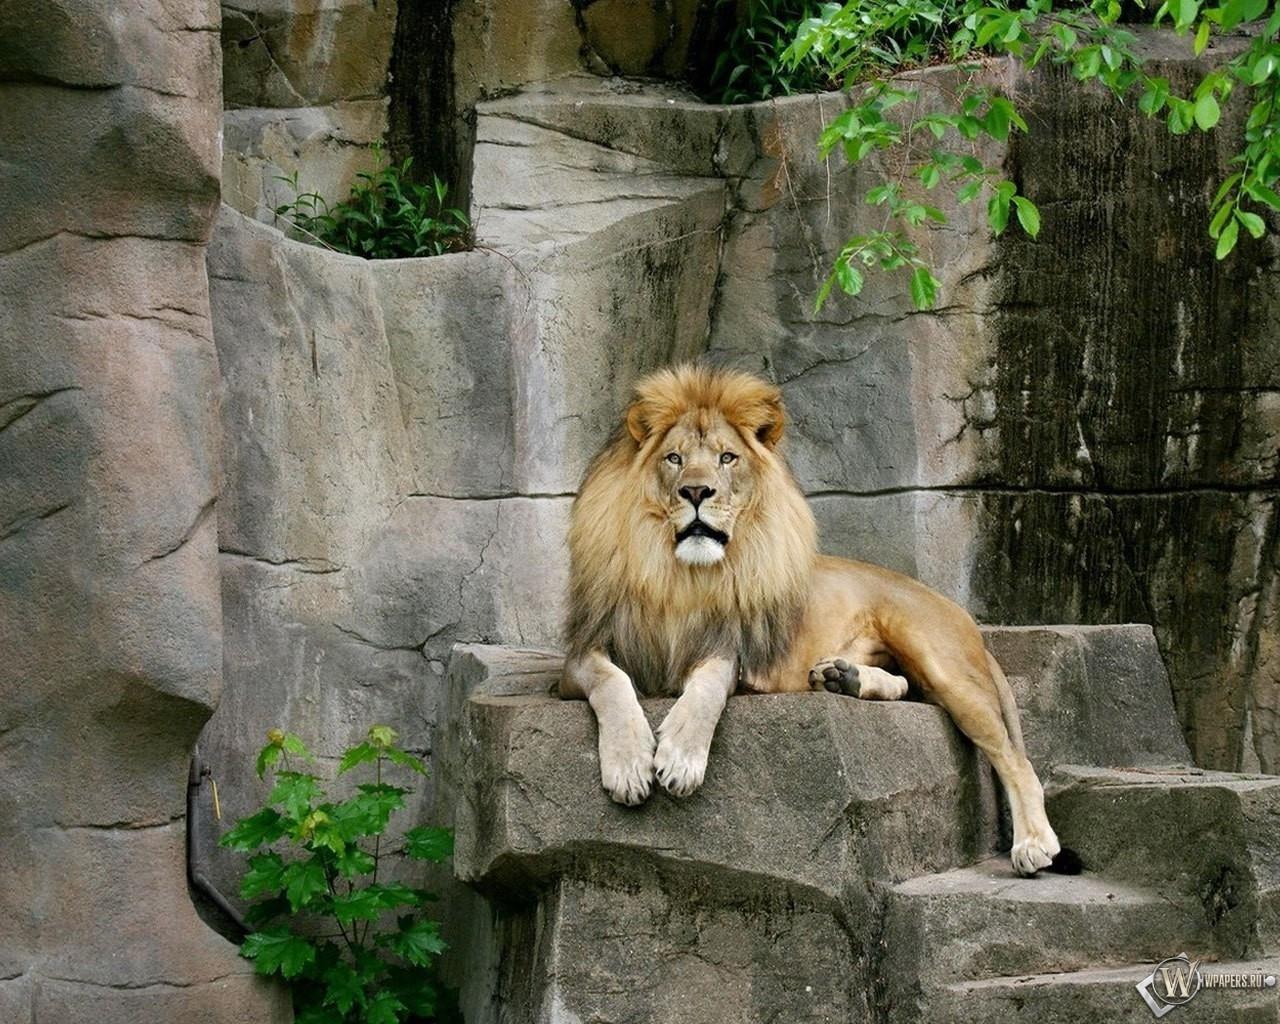 Лев на камнях 1280x1024